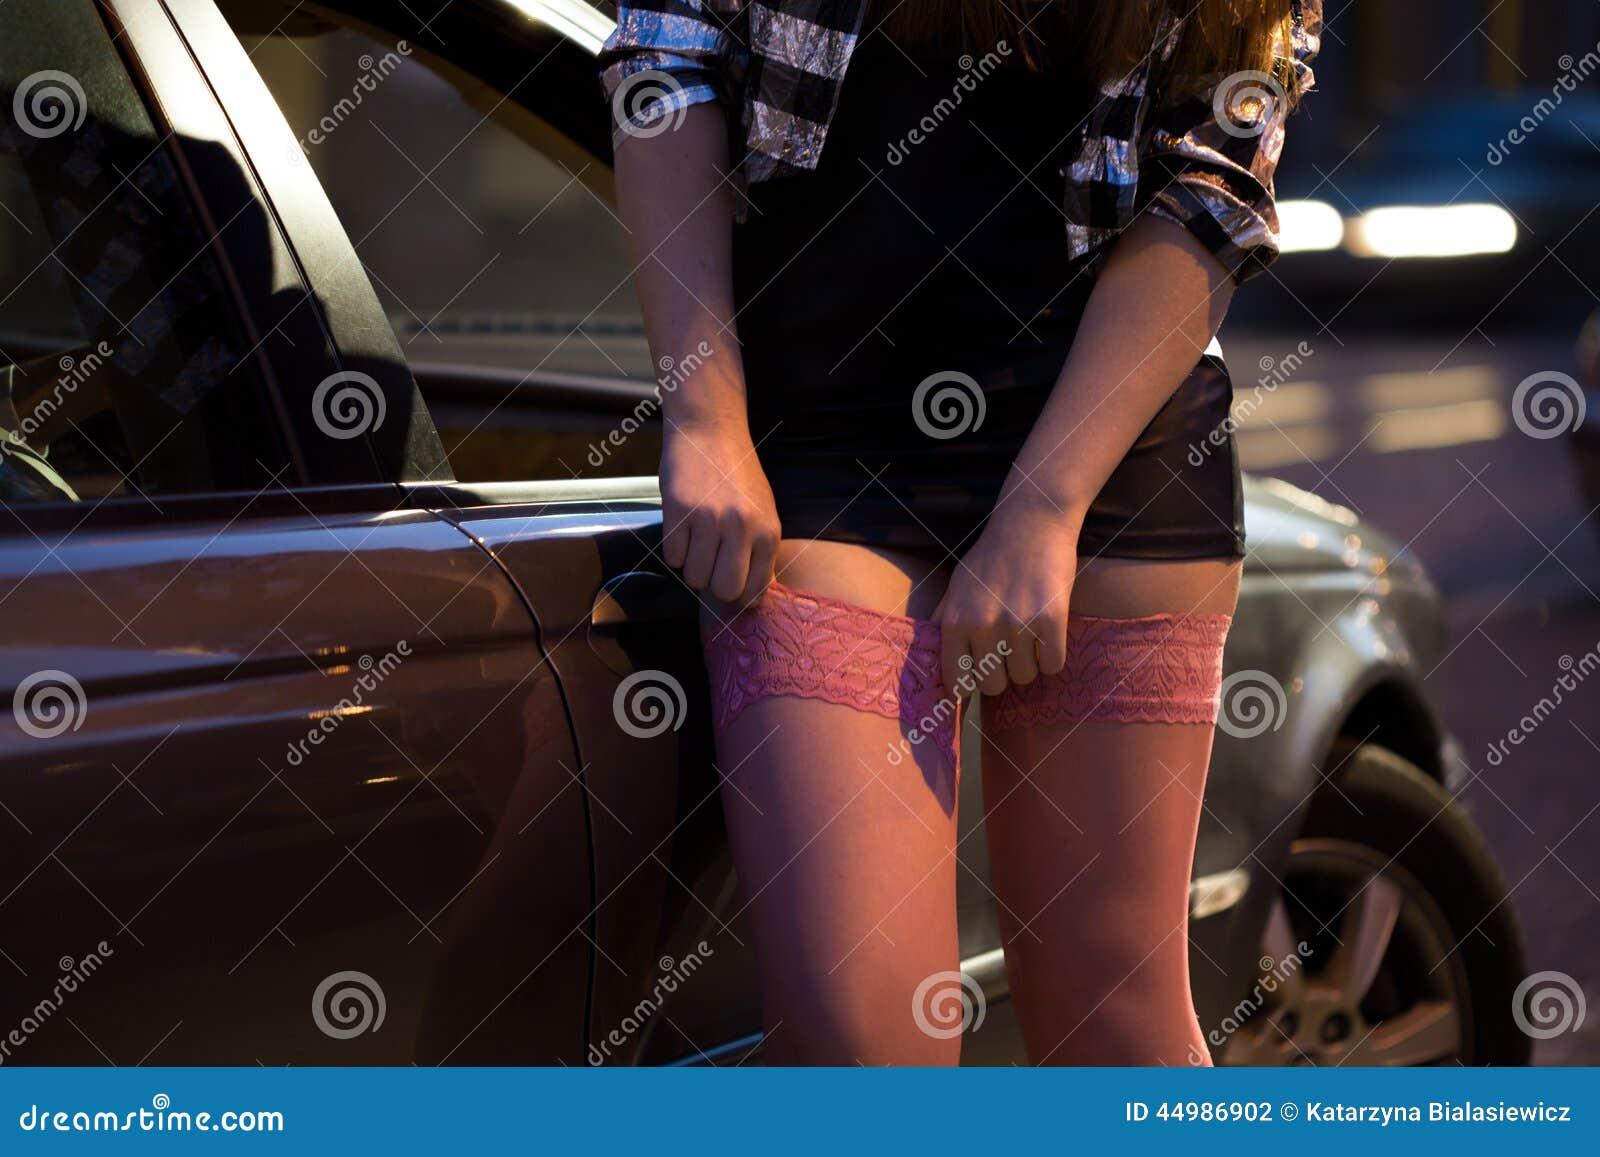 Сутенер и проститутка 25 фотография